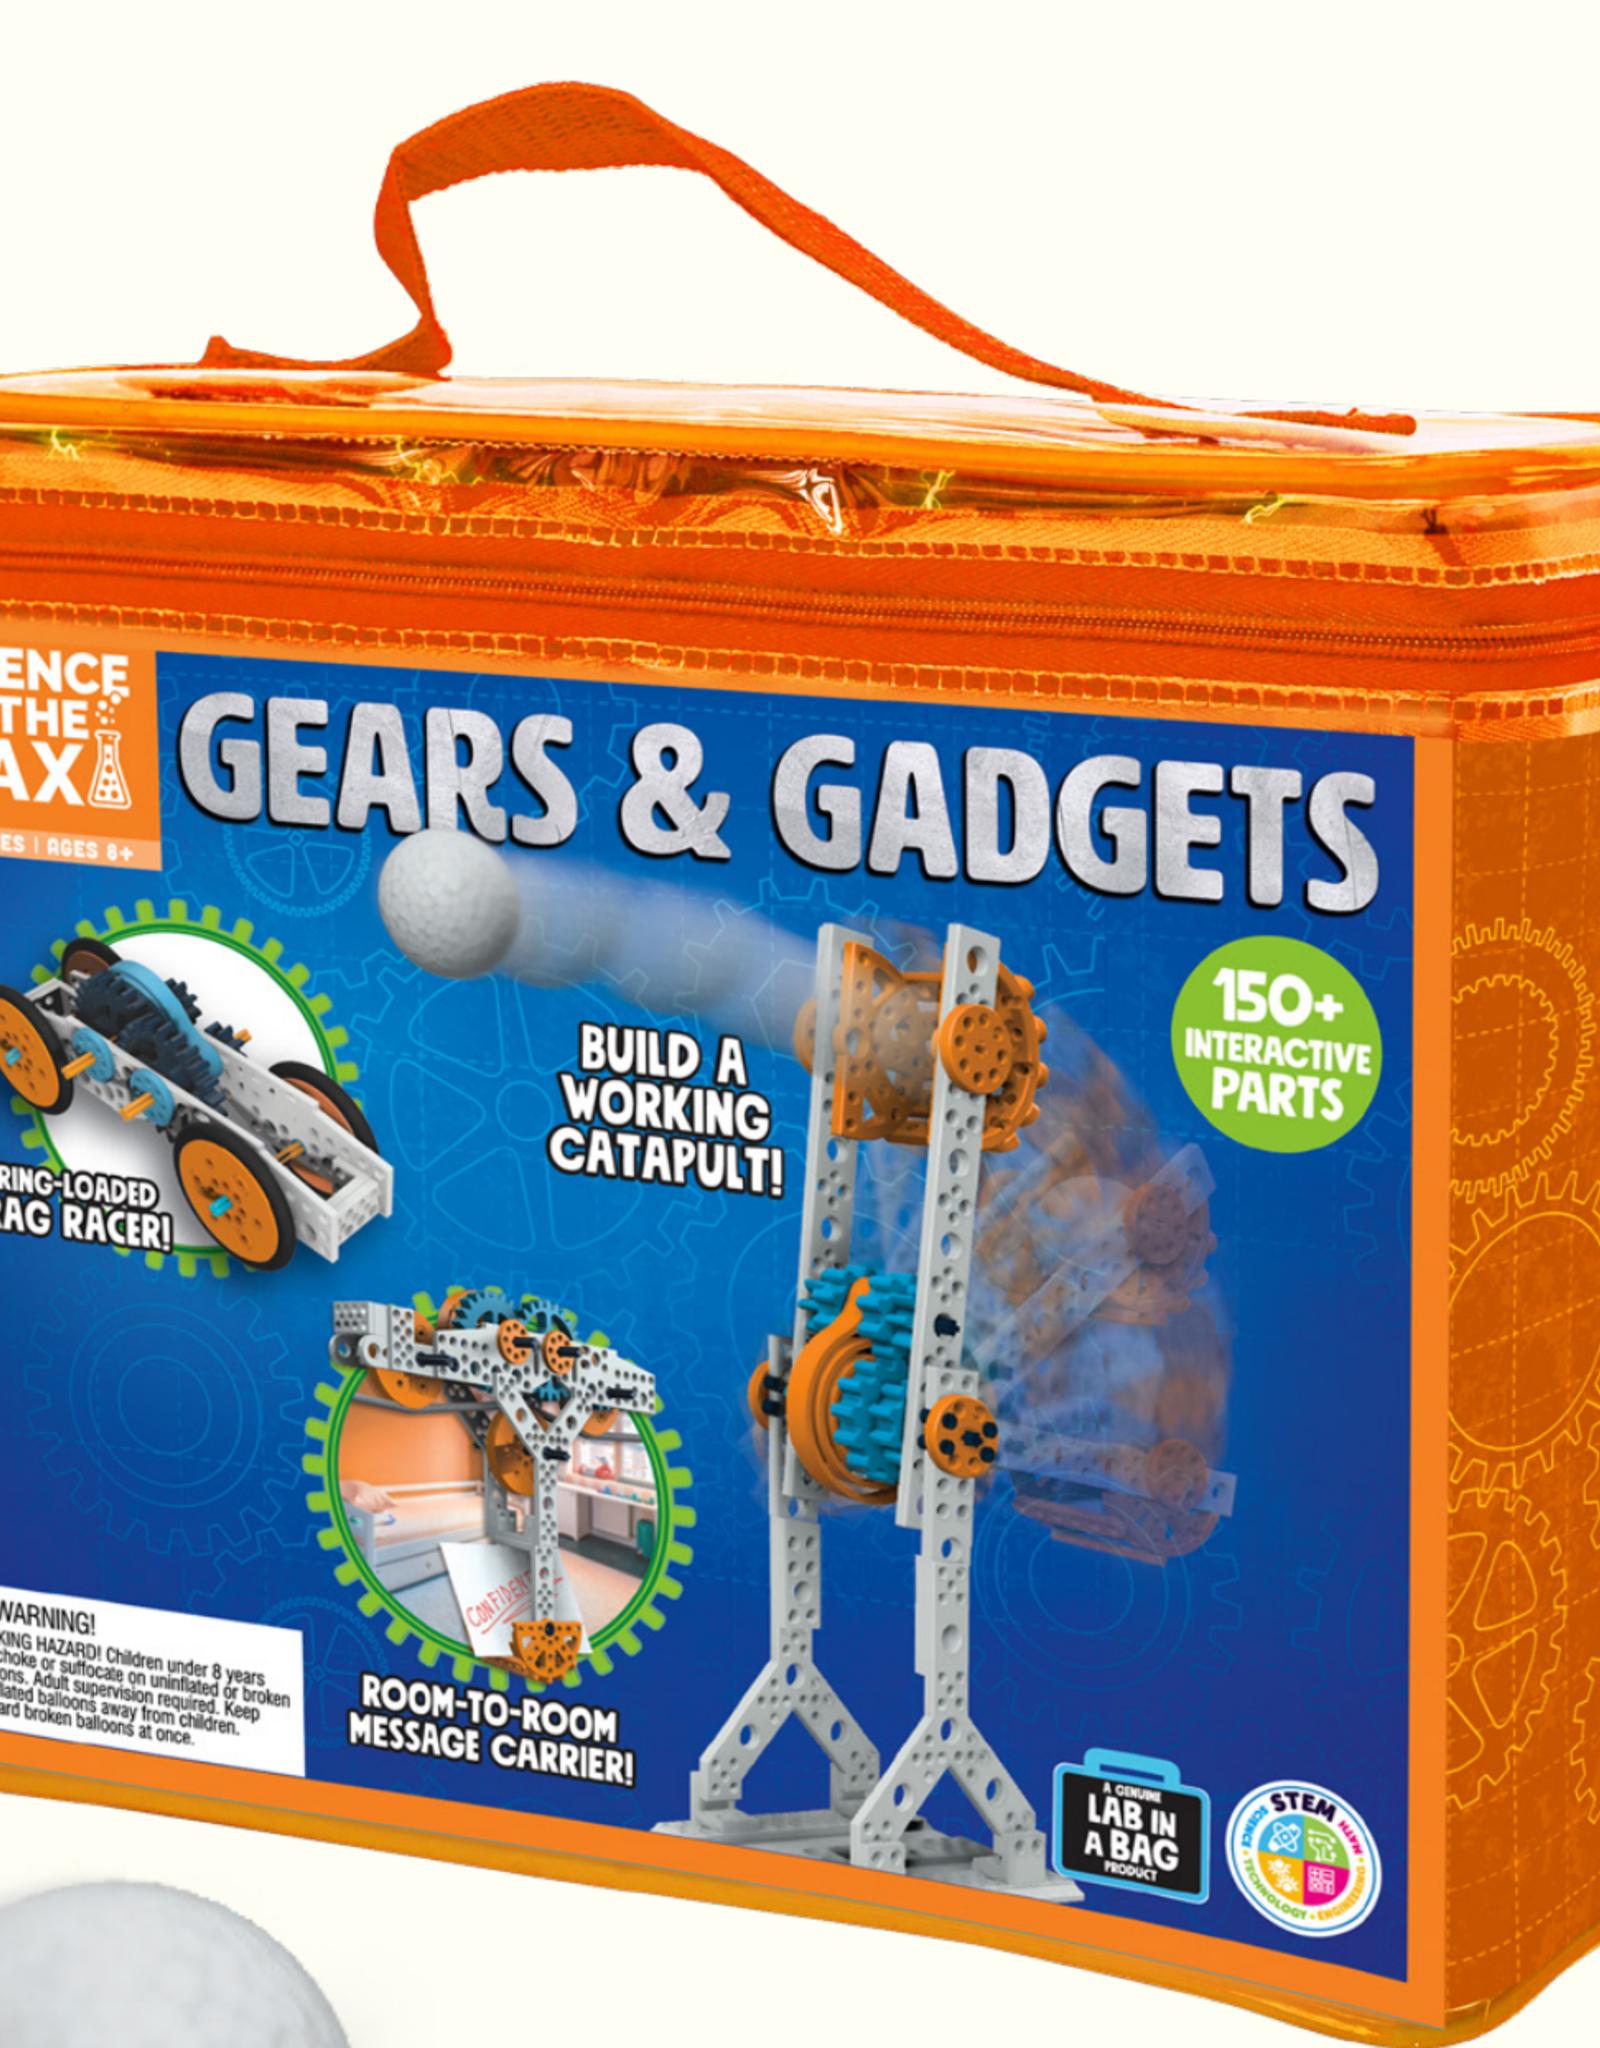 Gears & Gadgets